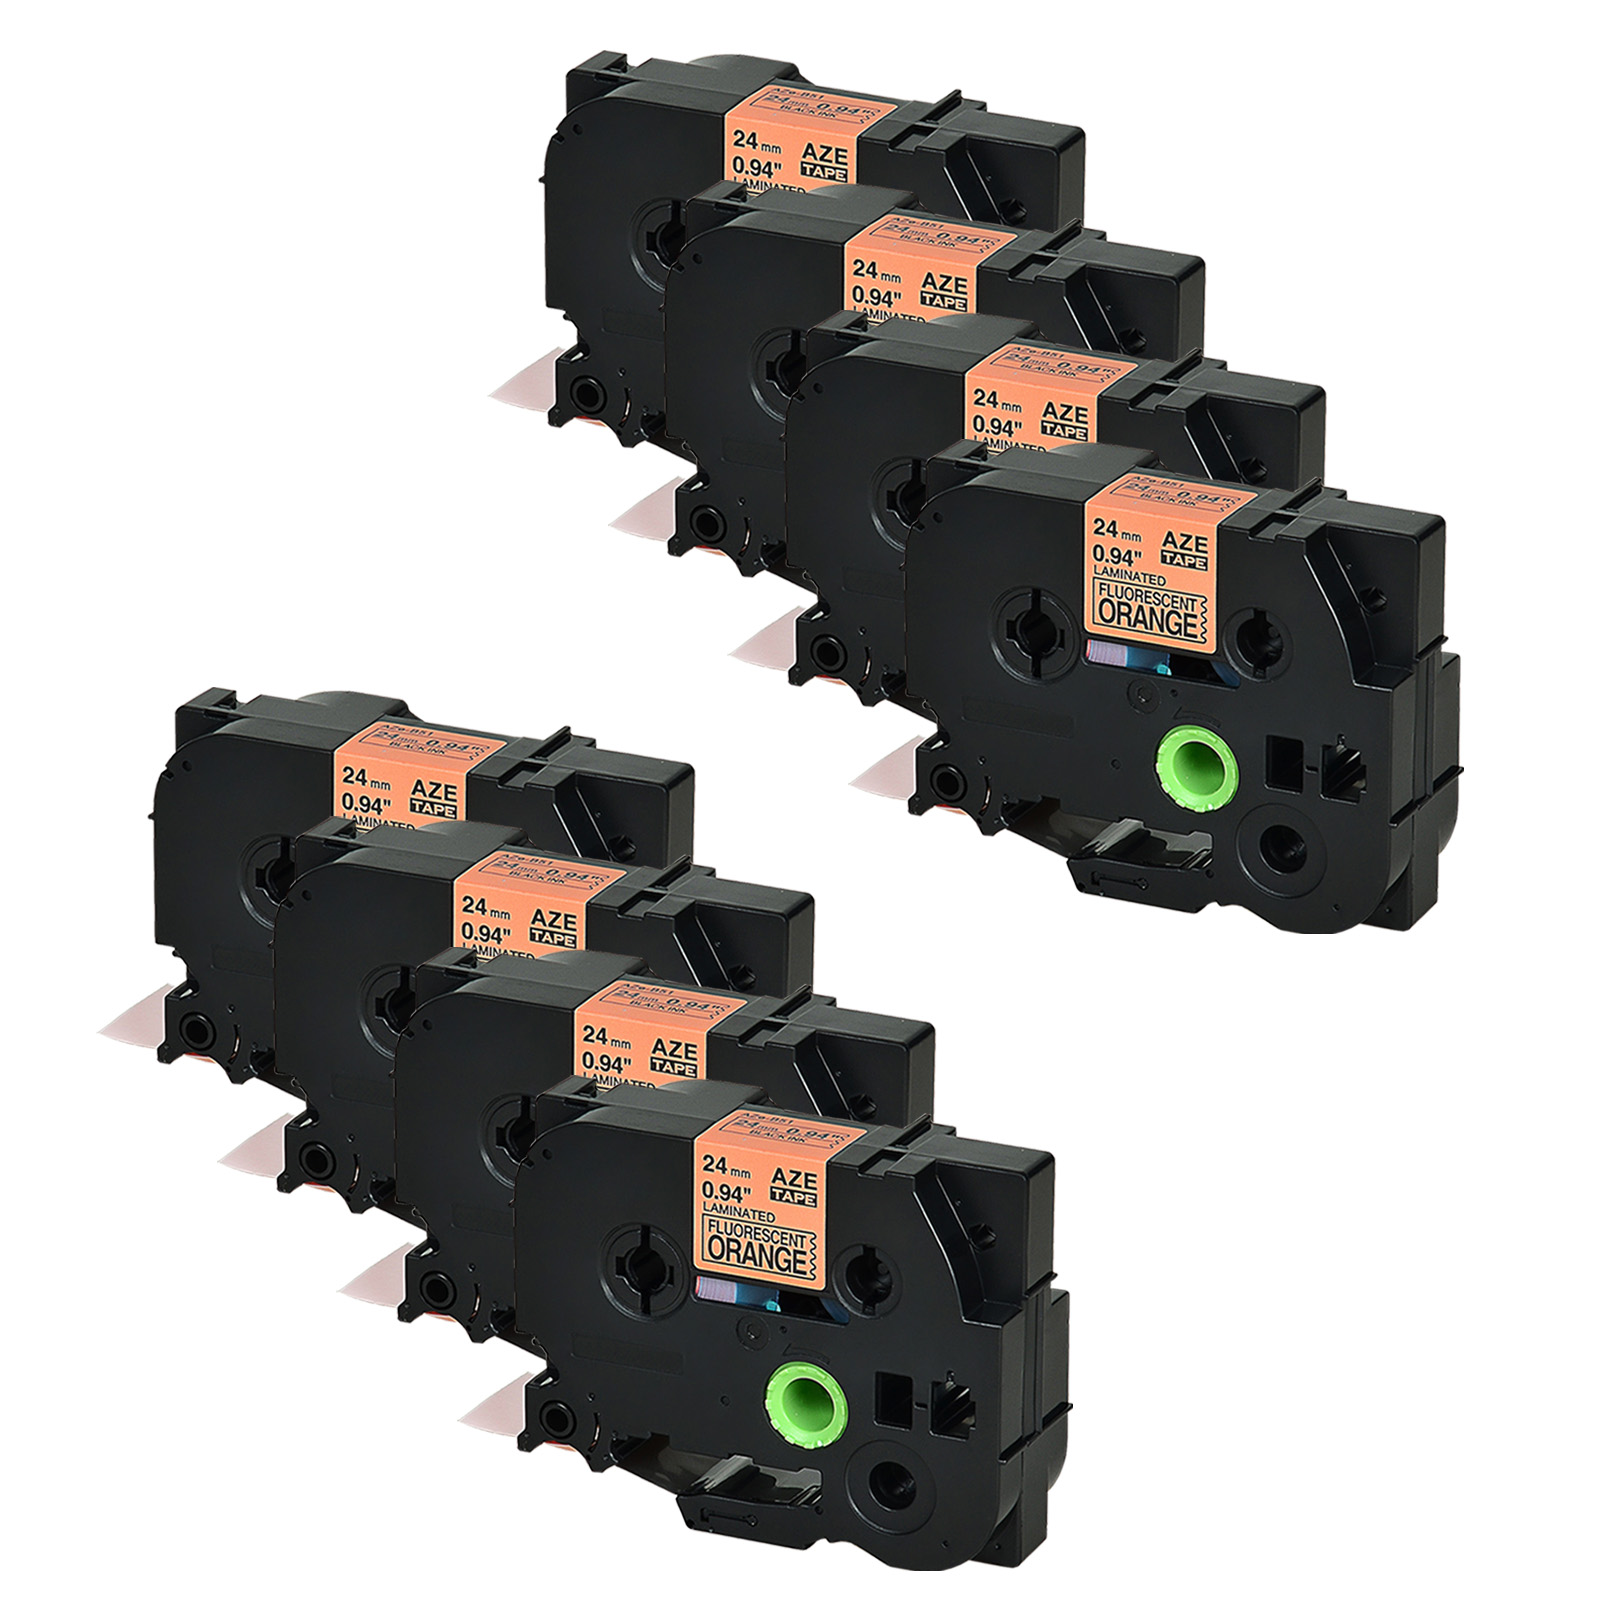 DRUCKER BESCHRIFTUNGSBAND 18mm S-WEIß FL für BROTHER P-Touch 9200 DX